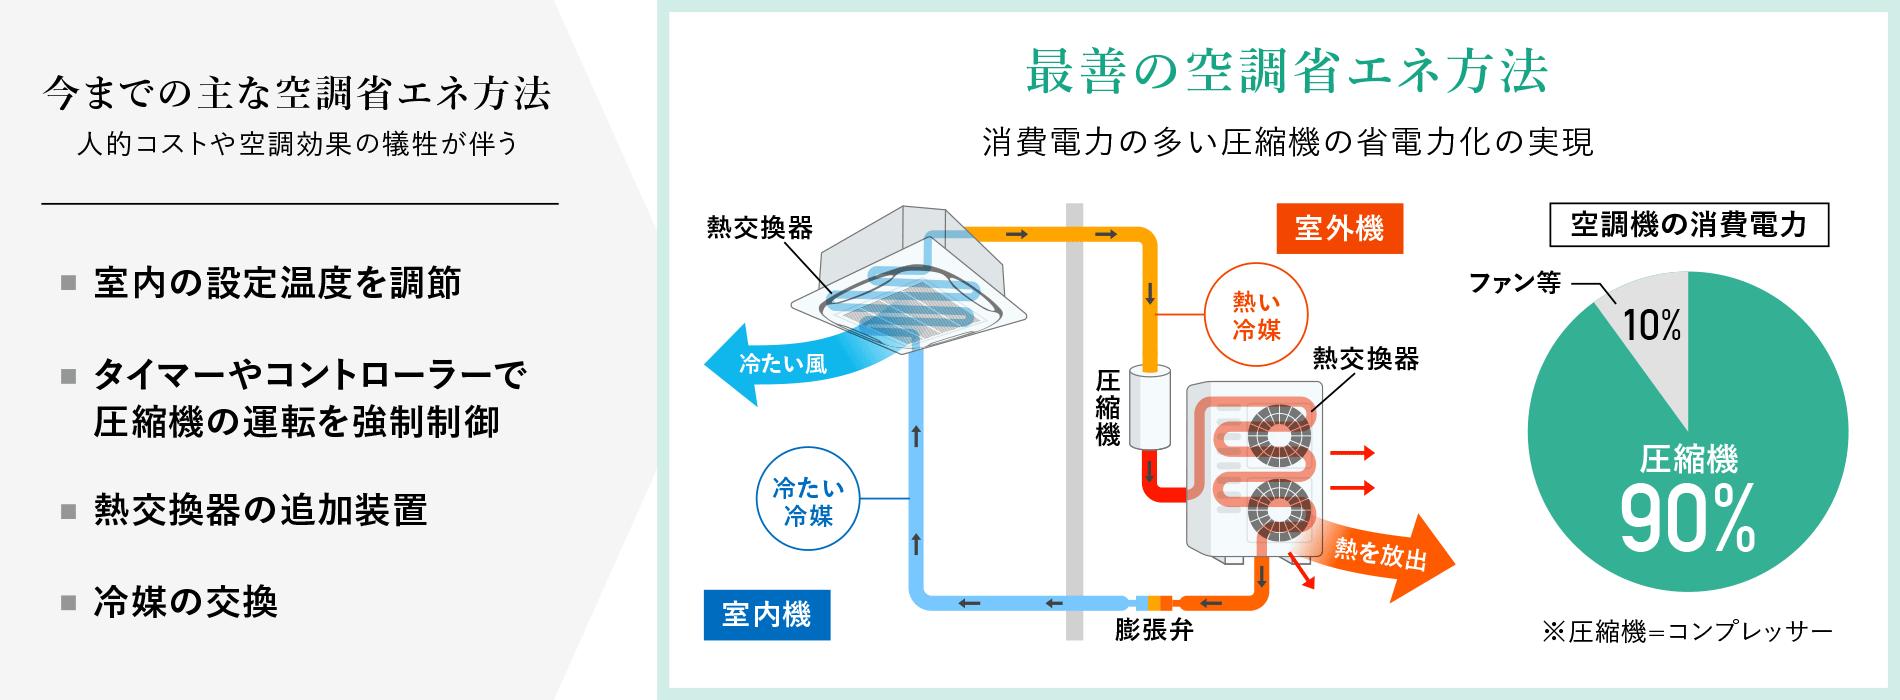 最善の空調省エネ方法